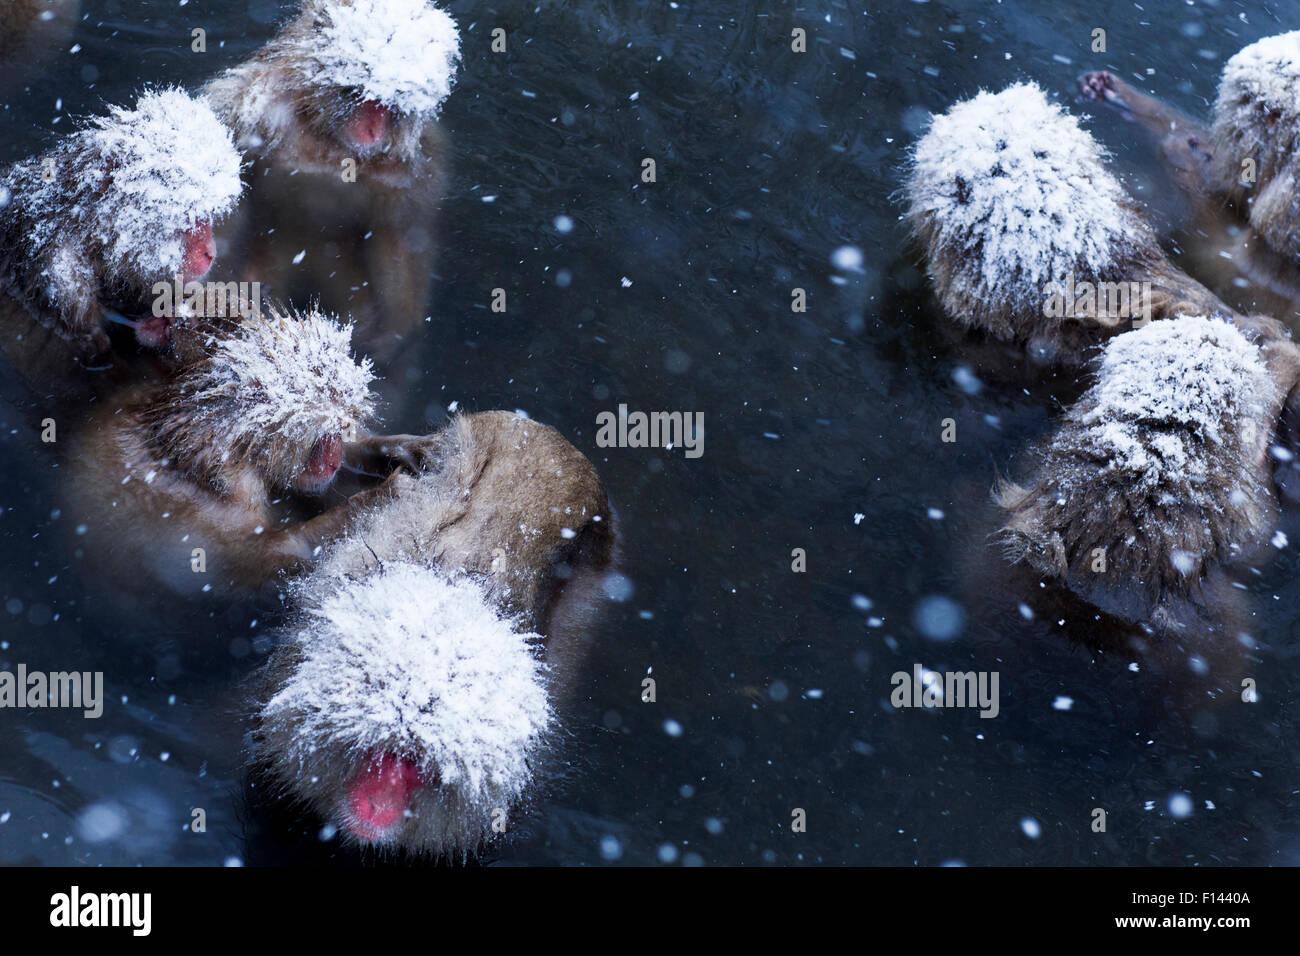 Japanese Macaques (Macaca fuscata) submerged in thermal hotspring pool. Jigokudani Yaen-Koen National Park, Japan, - Stock Image